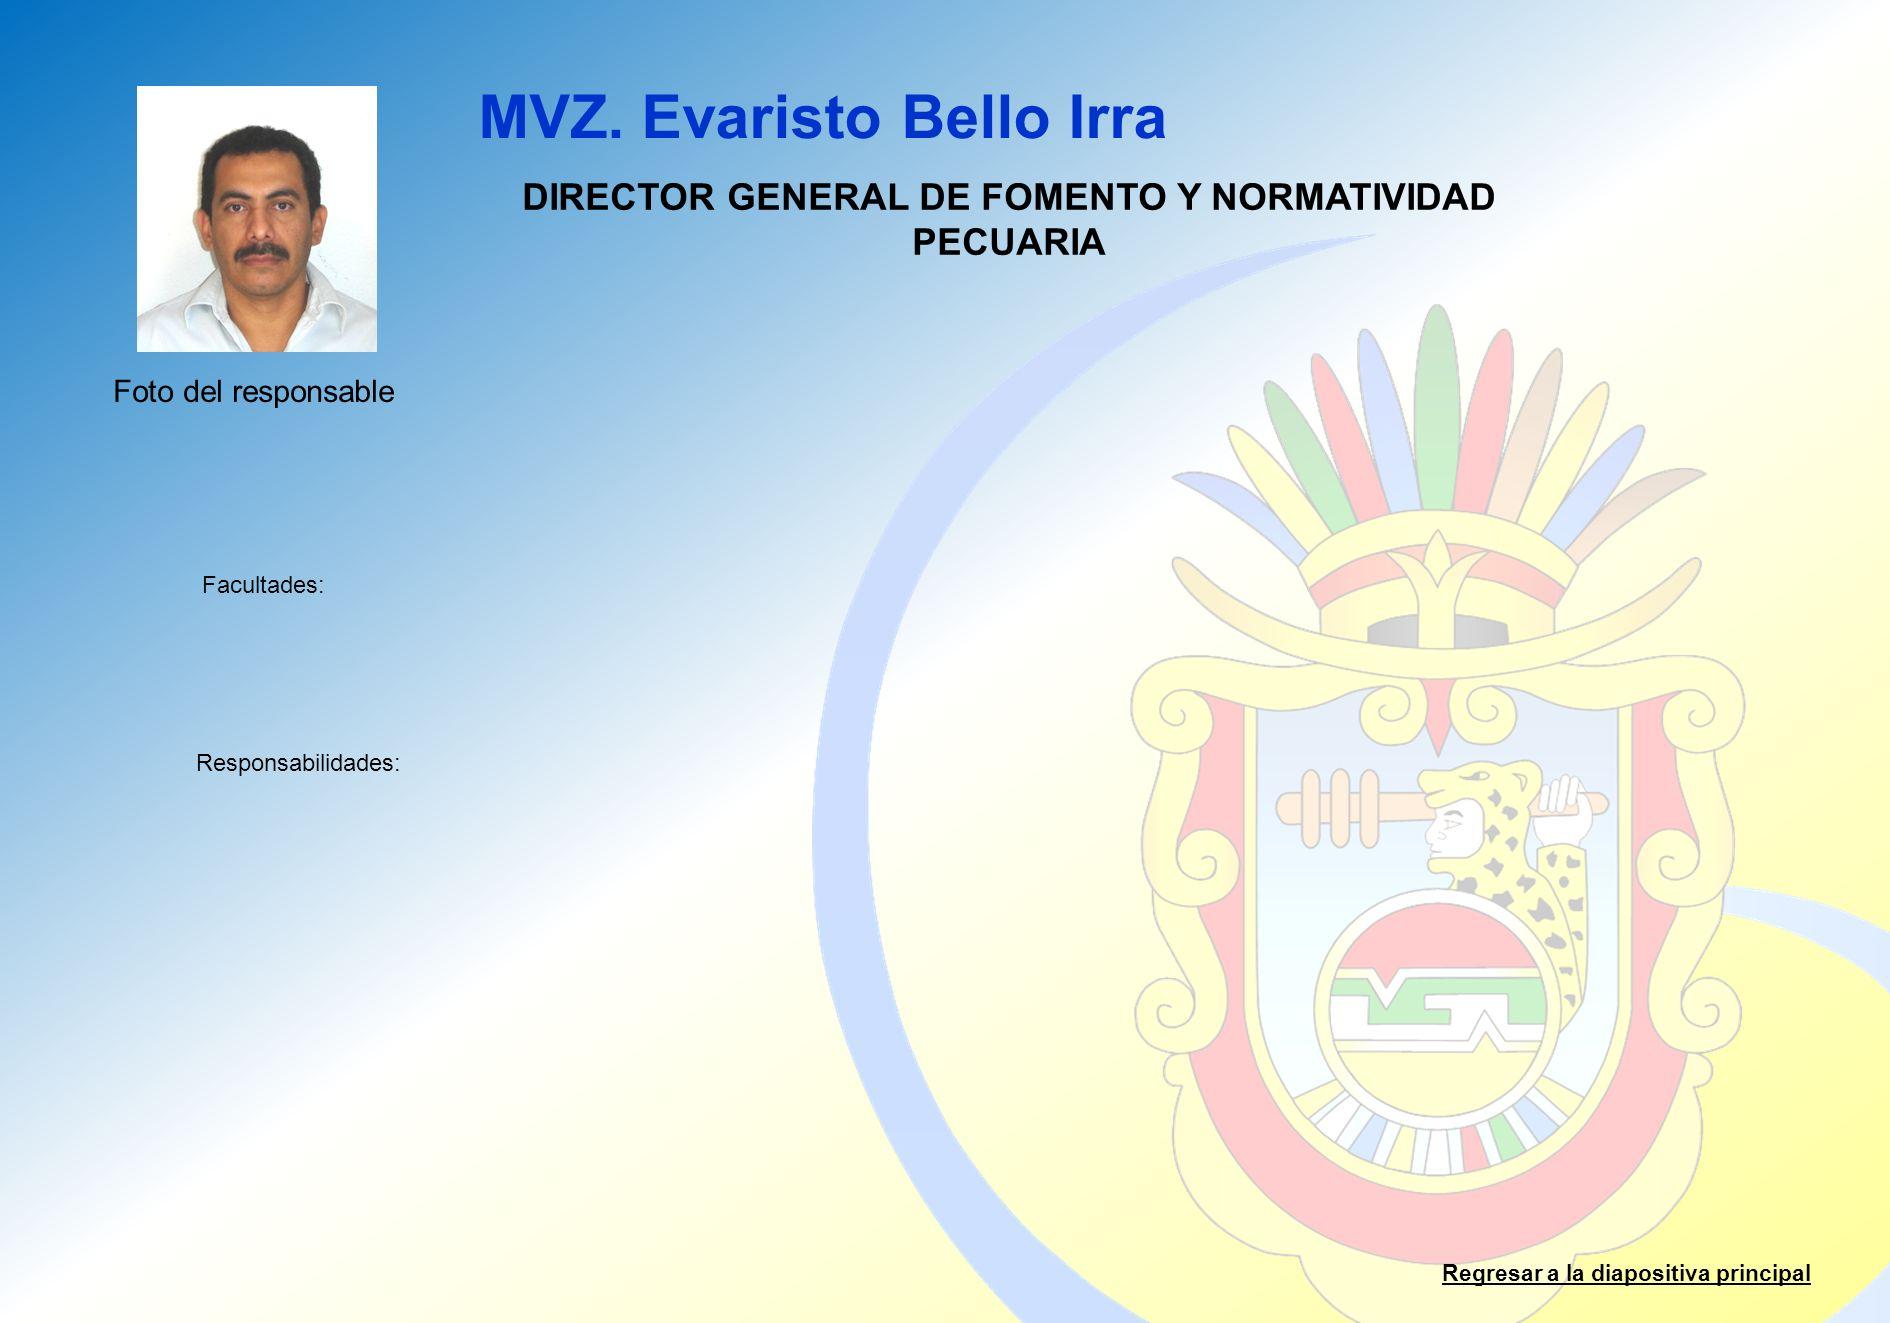 DIRECTOR GENERAL DE FOMENTO Y NORMATIVIDAD PECUARIA